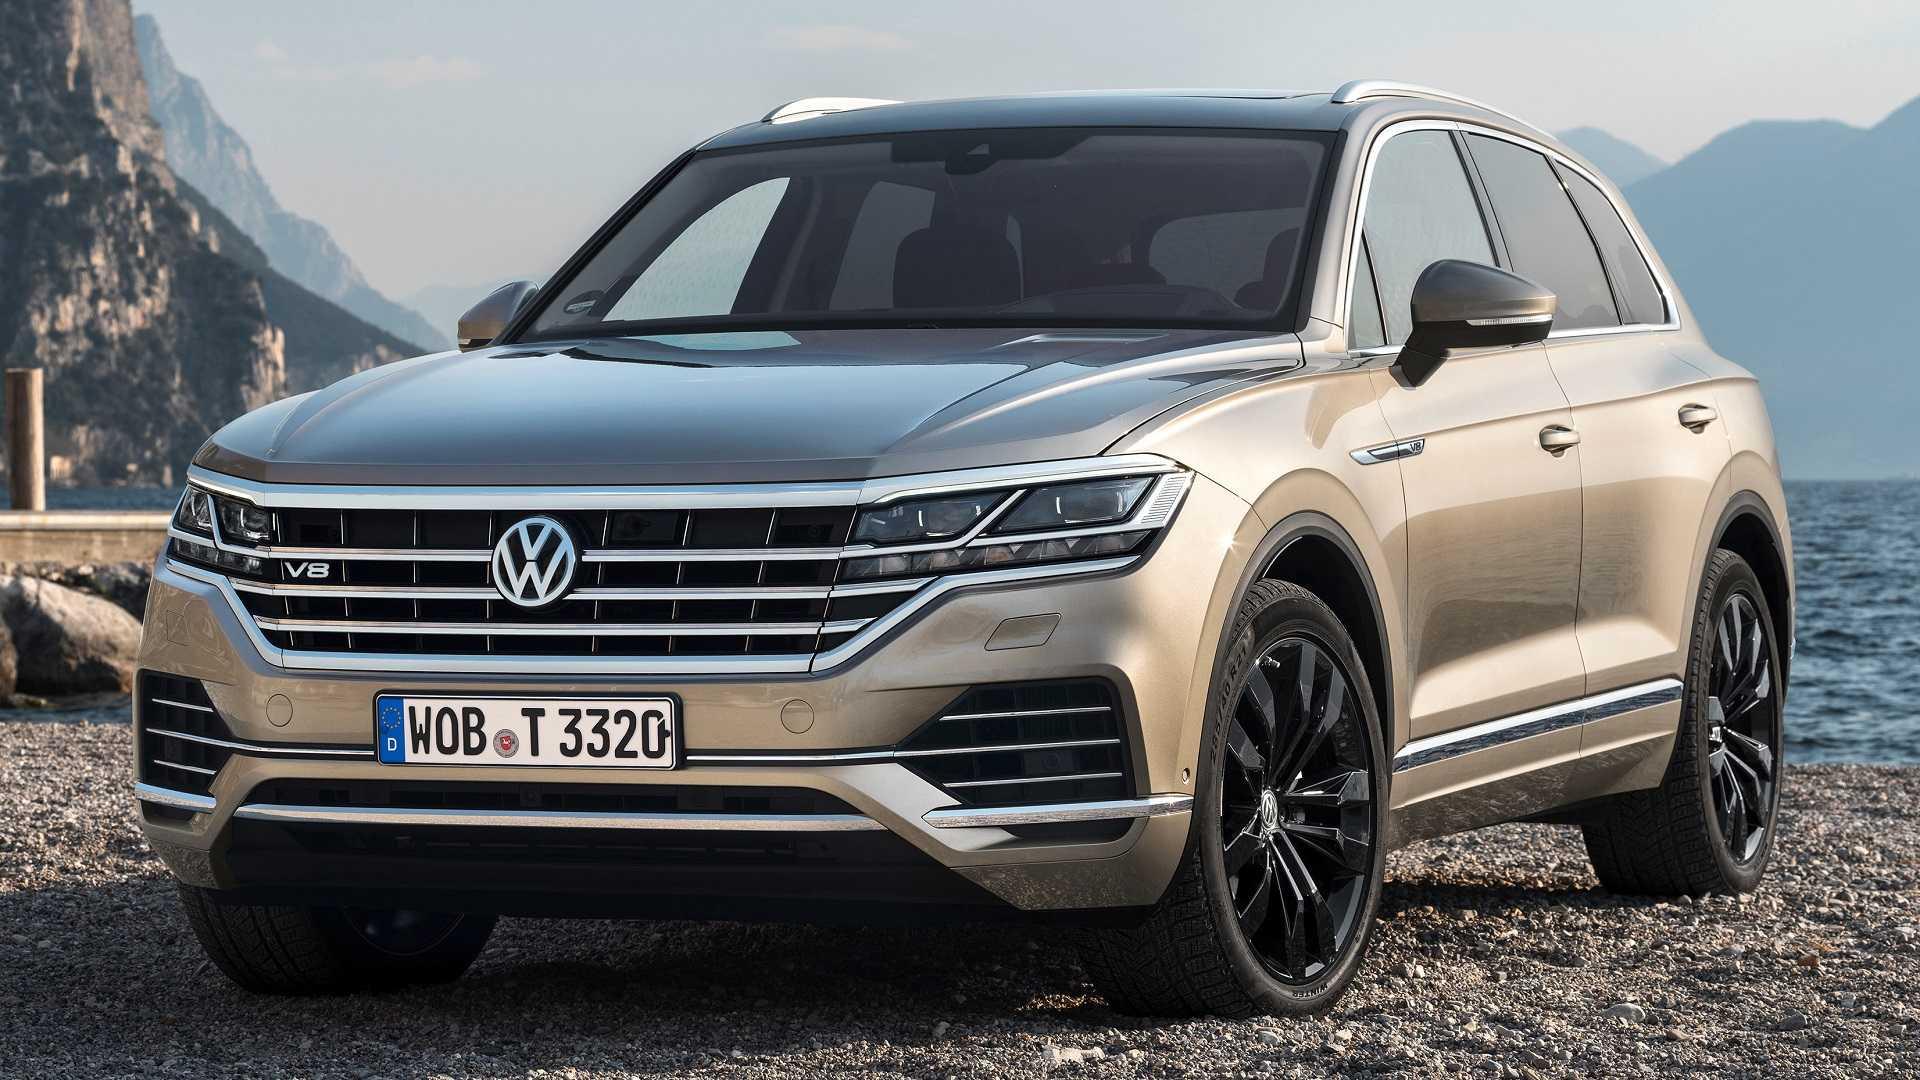 VolkswagenTouareg V8 TDI mới, máy dầu V8 có mô-men xoắn lên tới 900Nm - 06